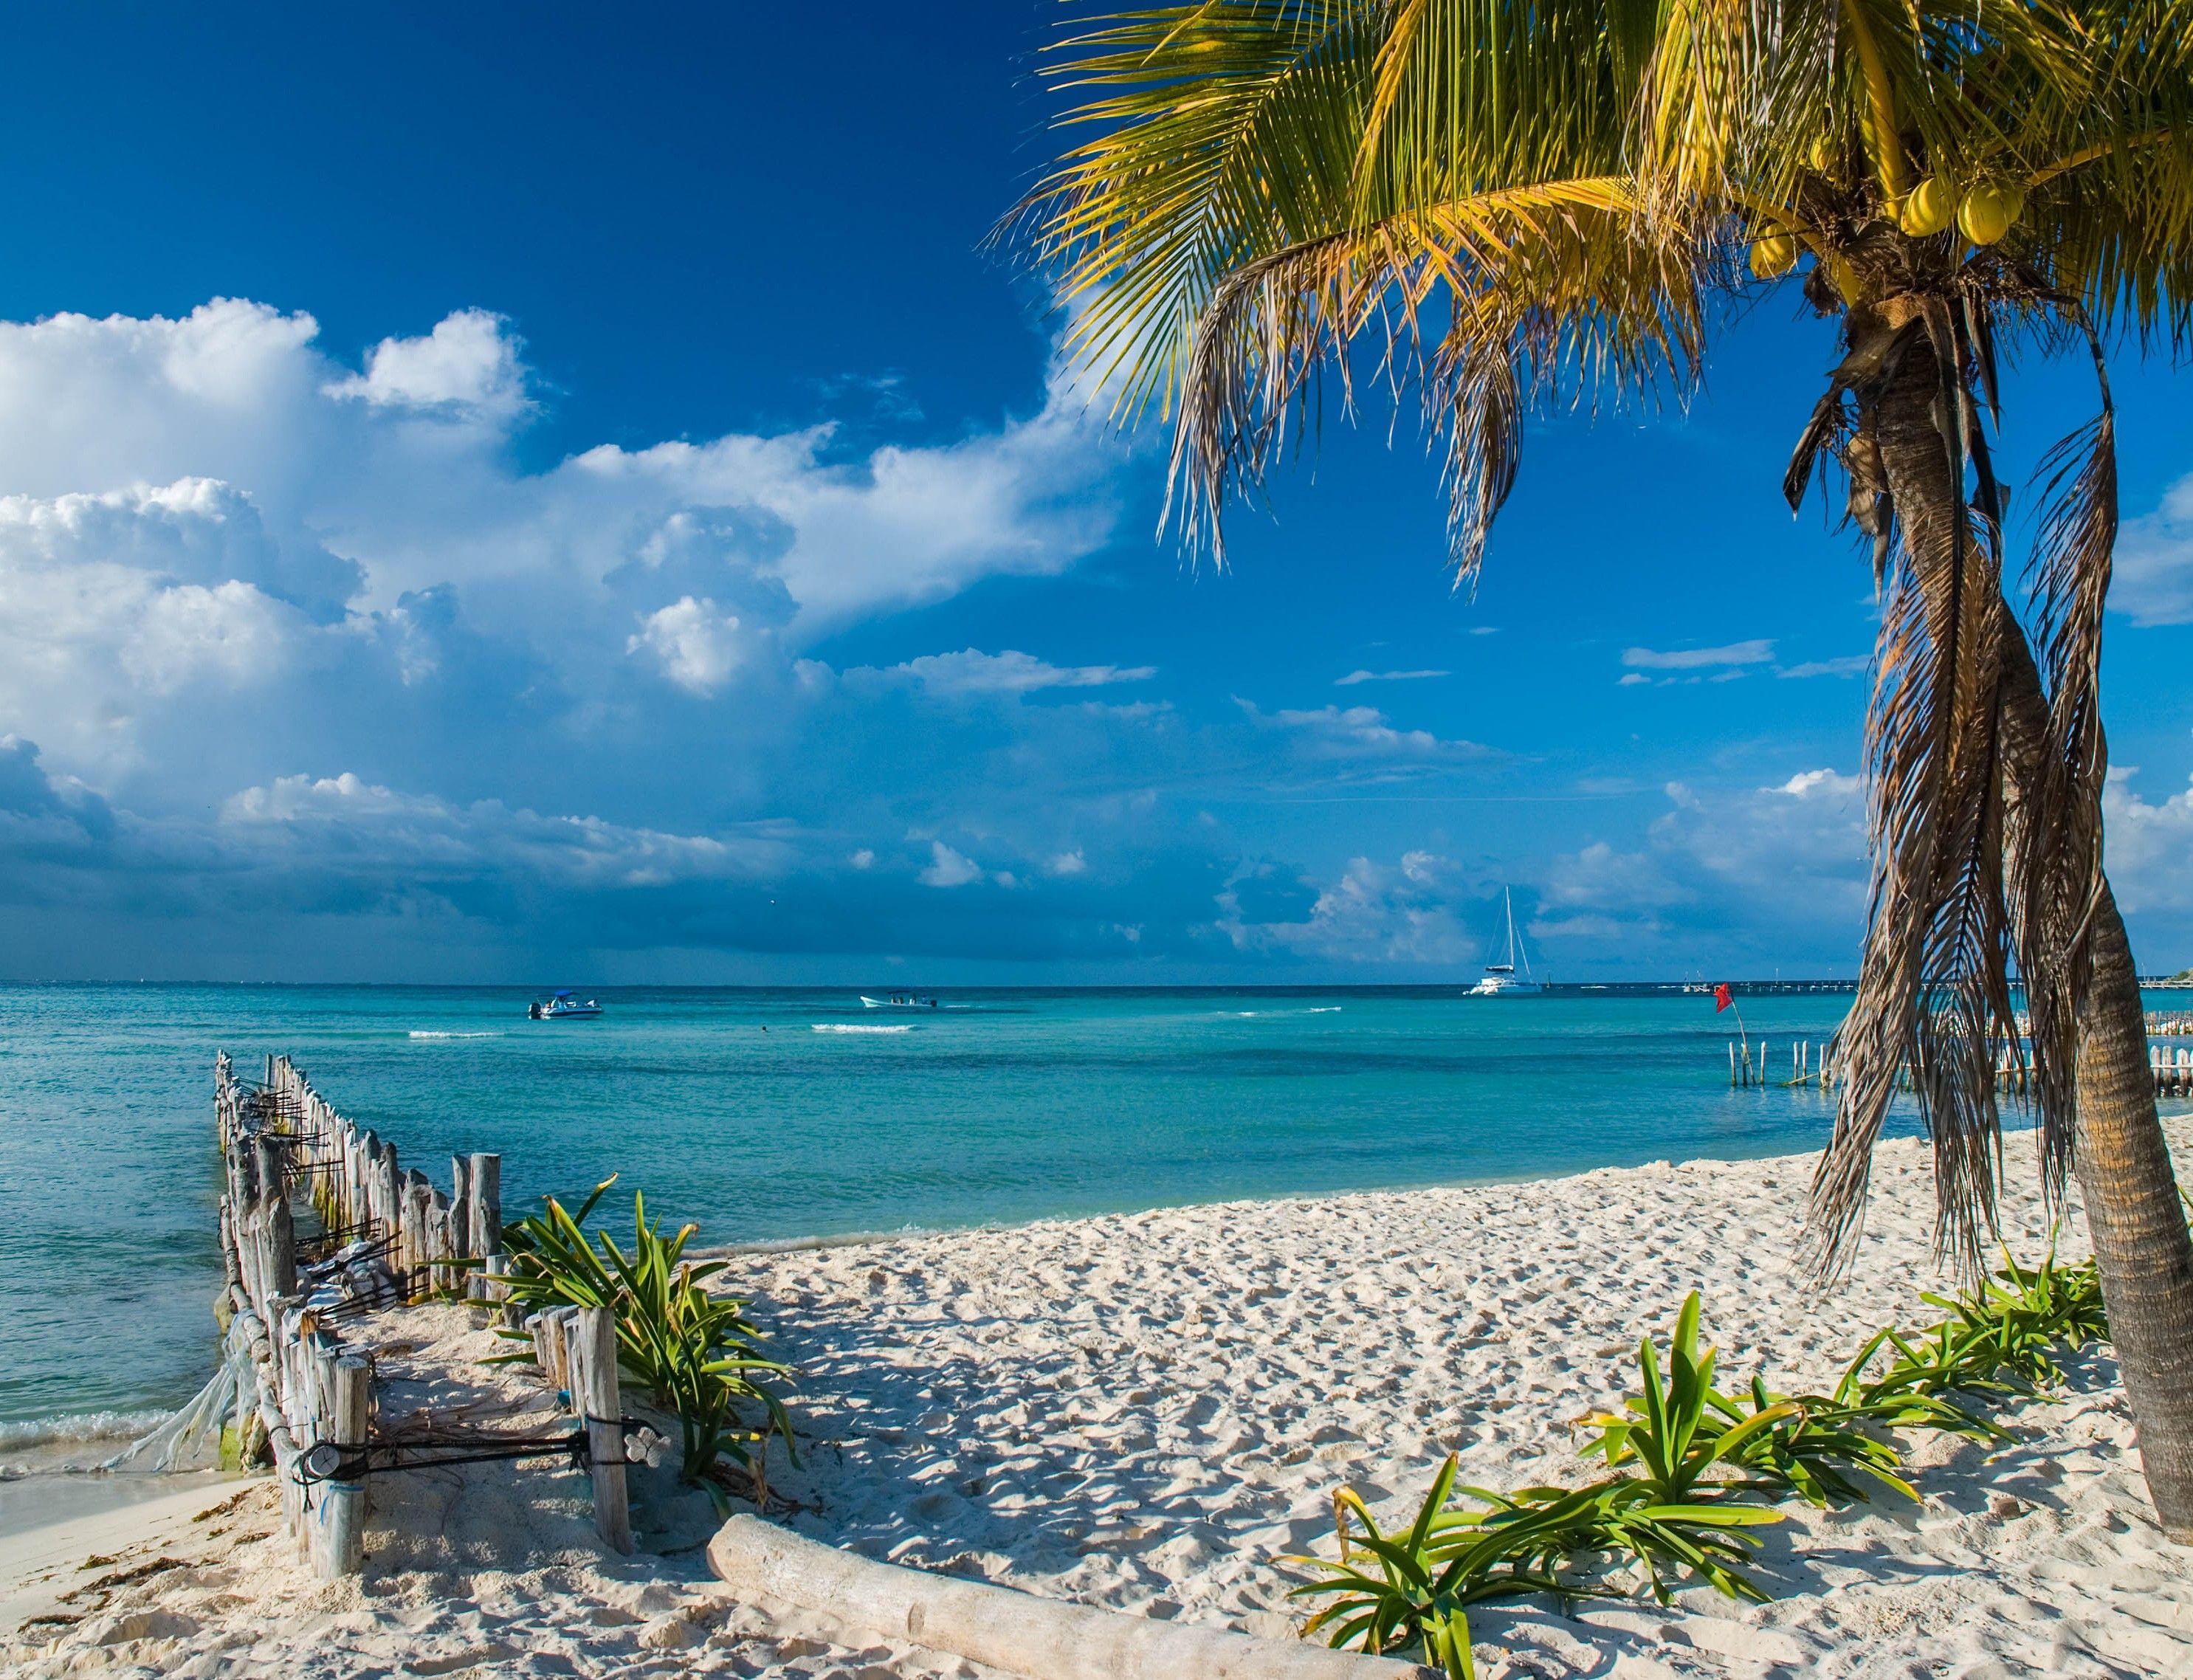 Flüge: Cancun / Mexiko (bis Sept) Business Class von Düsseldorf, Berlin, Frankfurt (...) ab 518€